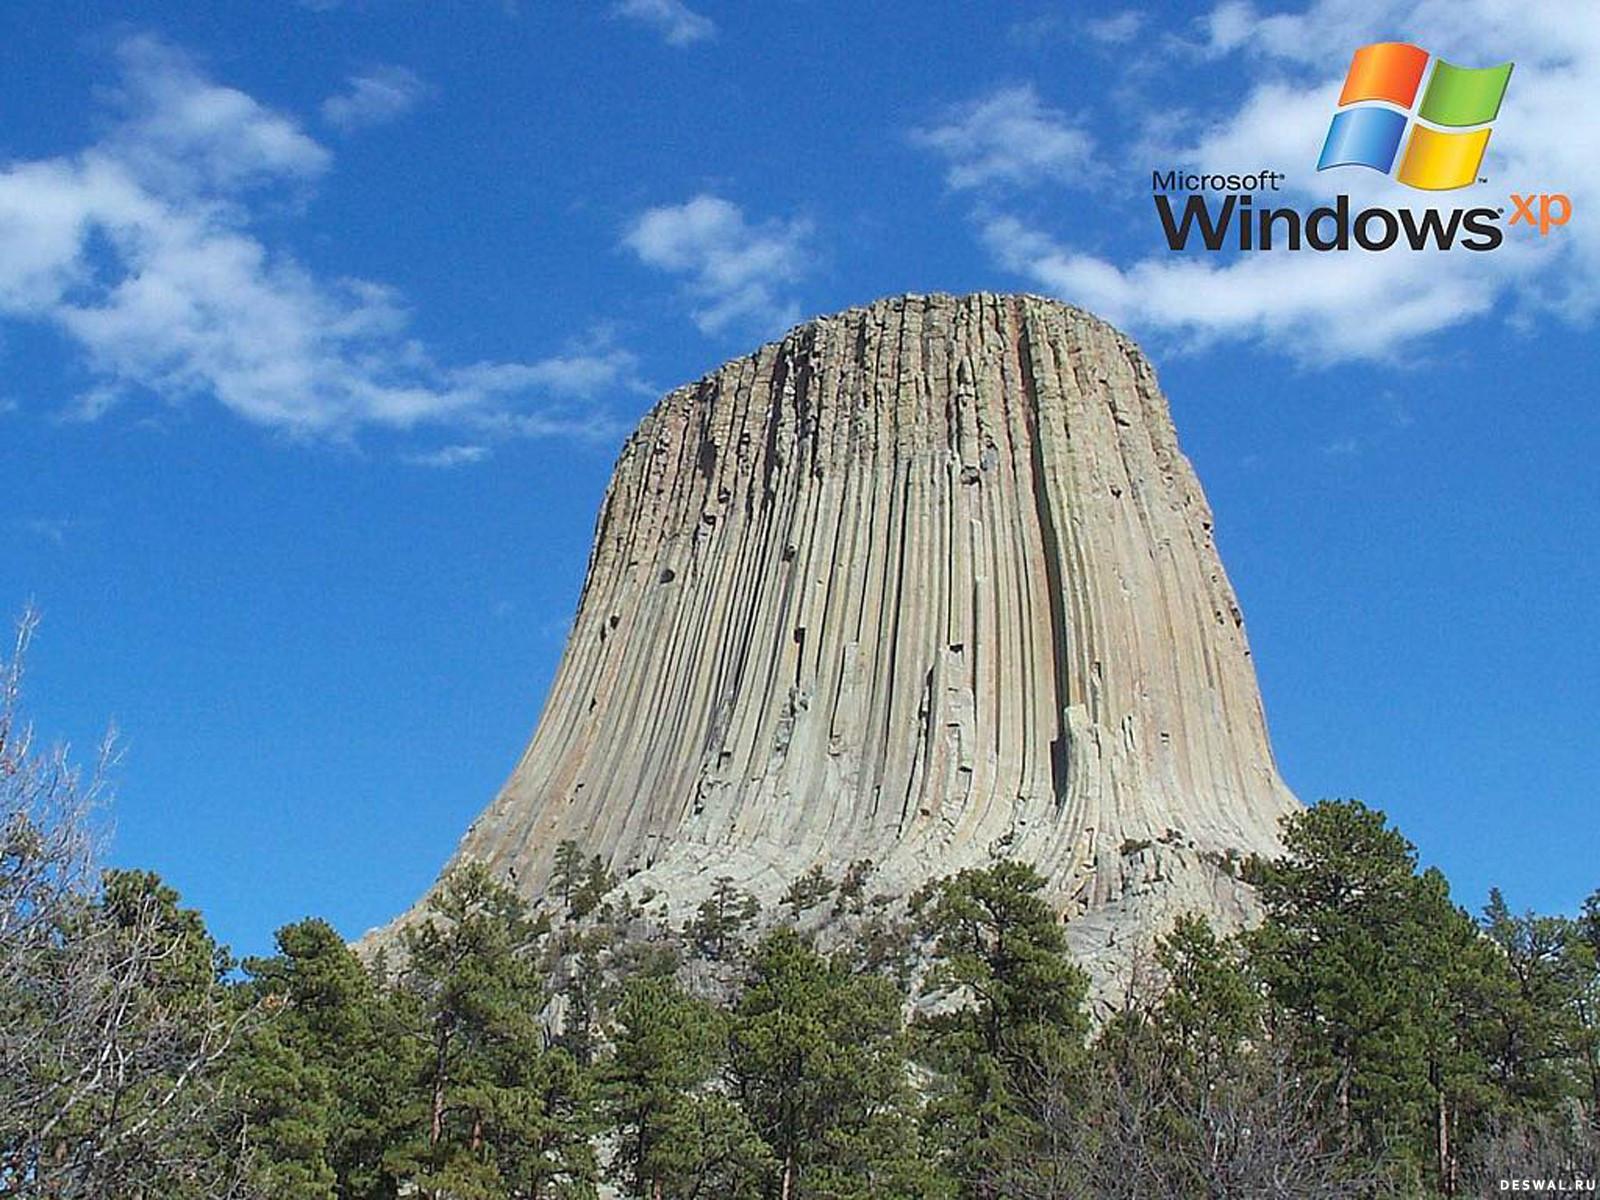 Фото 92. Нажмите на картинку с обоями windows, чтобы просмотреть ее в реальном размере